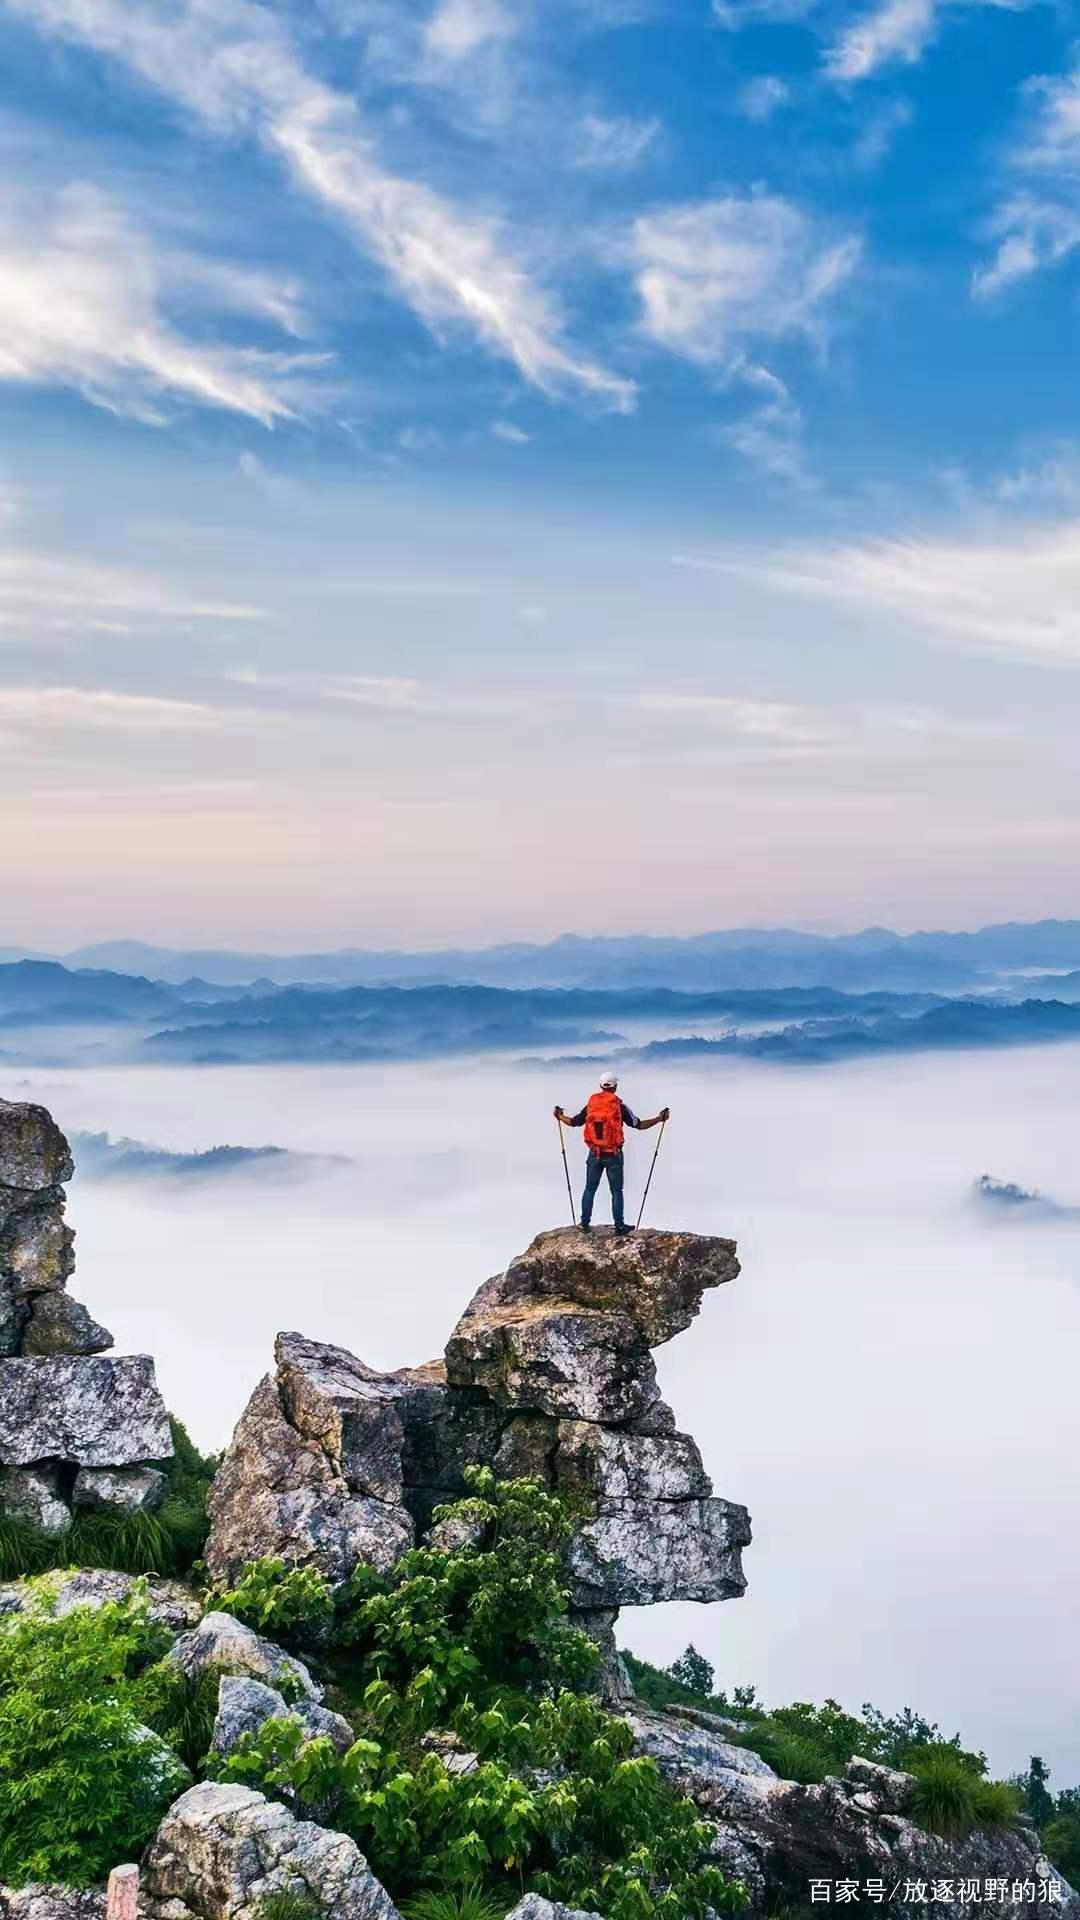 与众不同,大自然煞费心机安排的一处胜景,不一样的风景:黄山